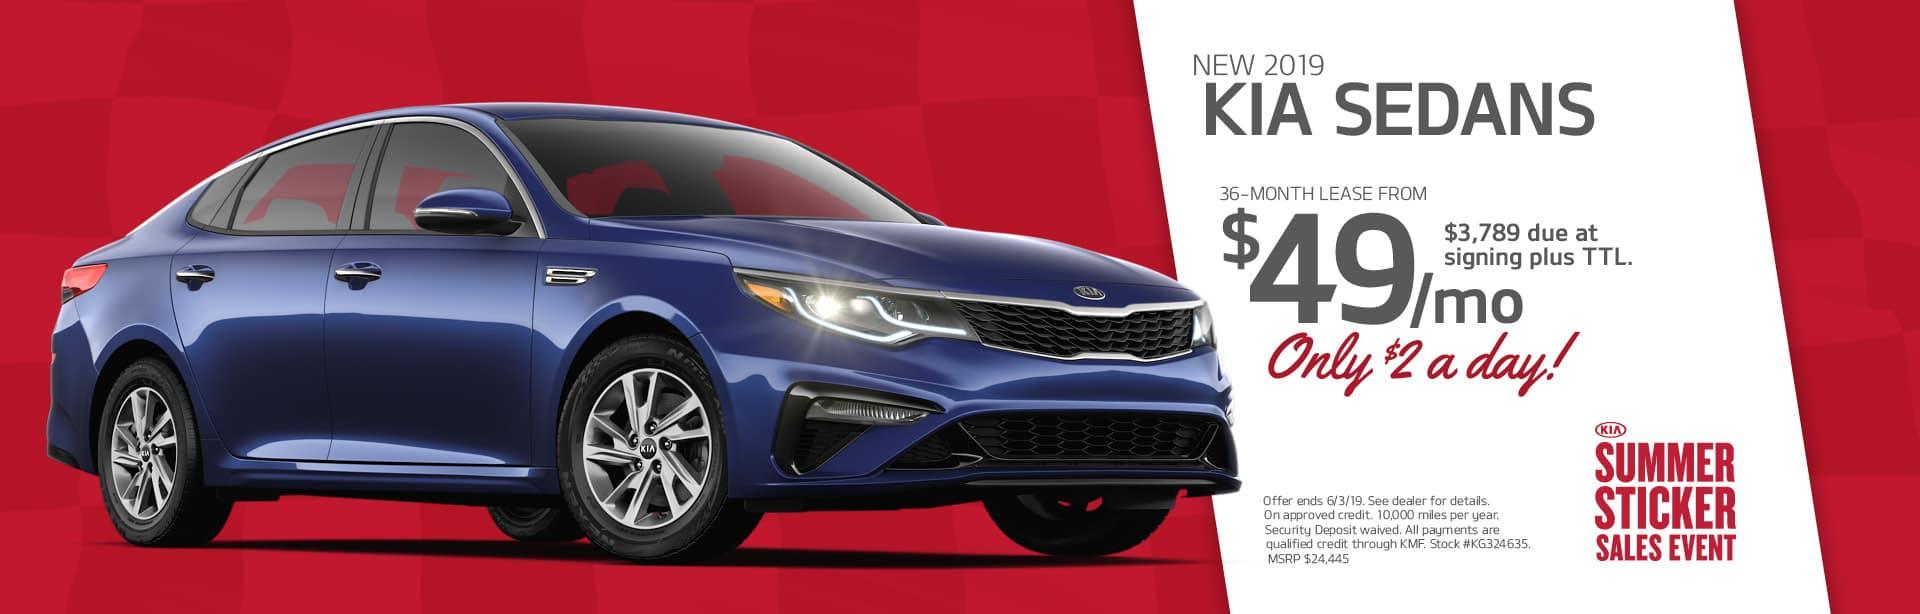 New Kia Sedan